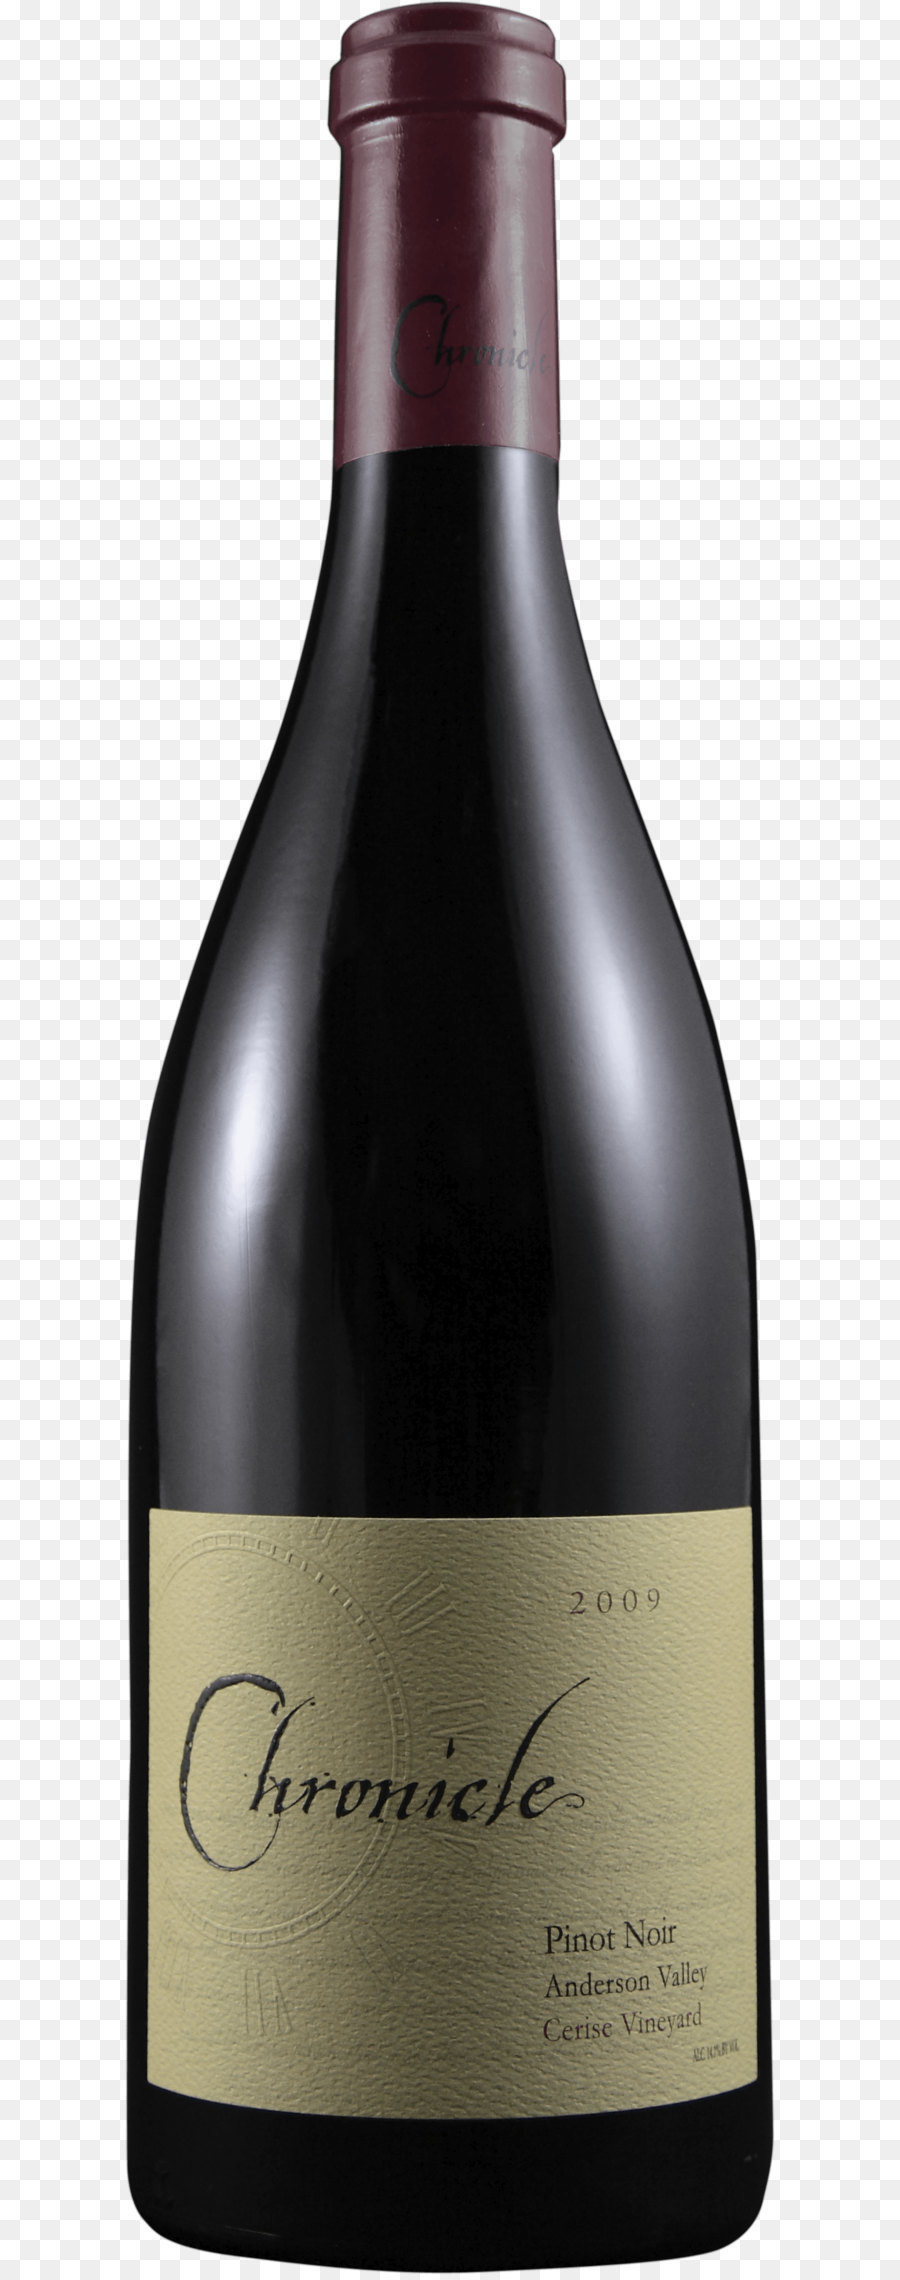 Red Wine Bottle Bottle Png Image Download Image Of Bottle Png Download 1123 3931 Free Transparent Red Wine Png Download